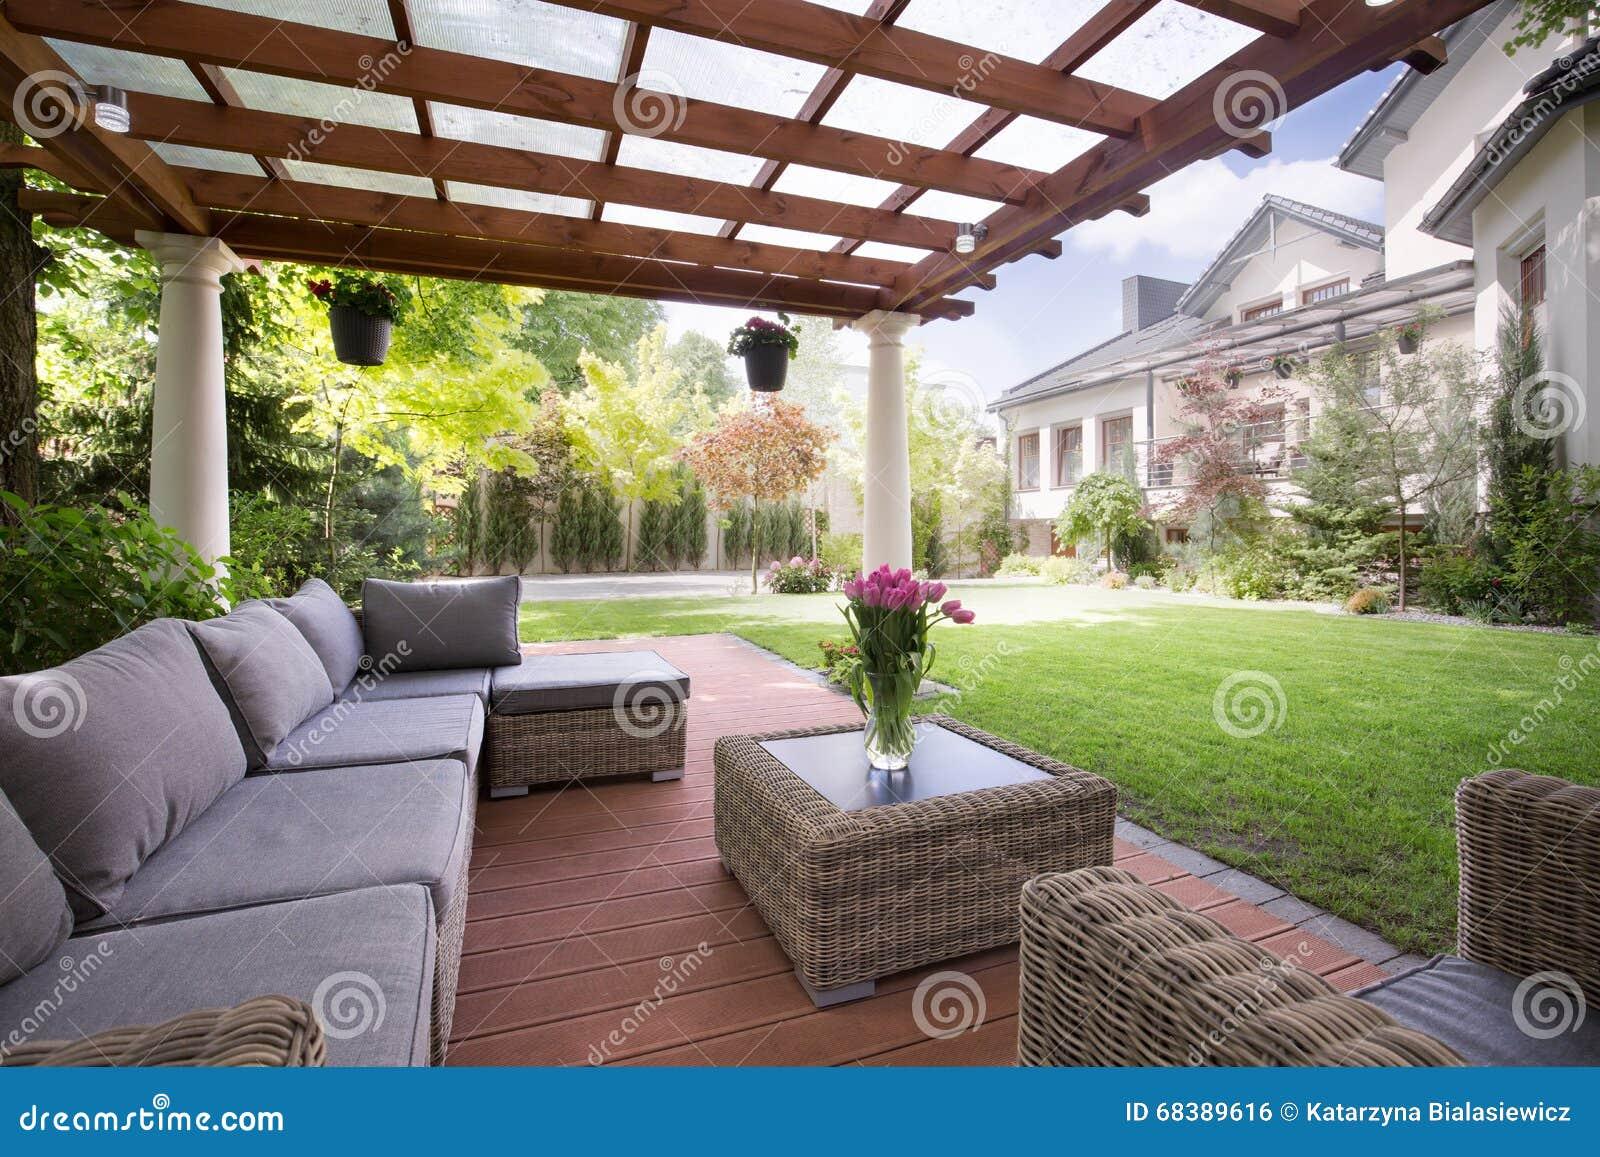 Veranda Mit Modernen Gartenmöbeln Stockfoto Bild Von Hinterhof